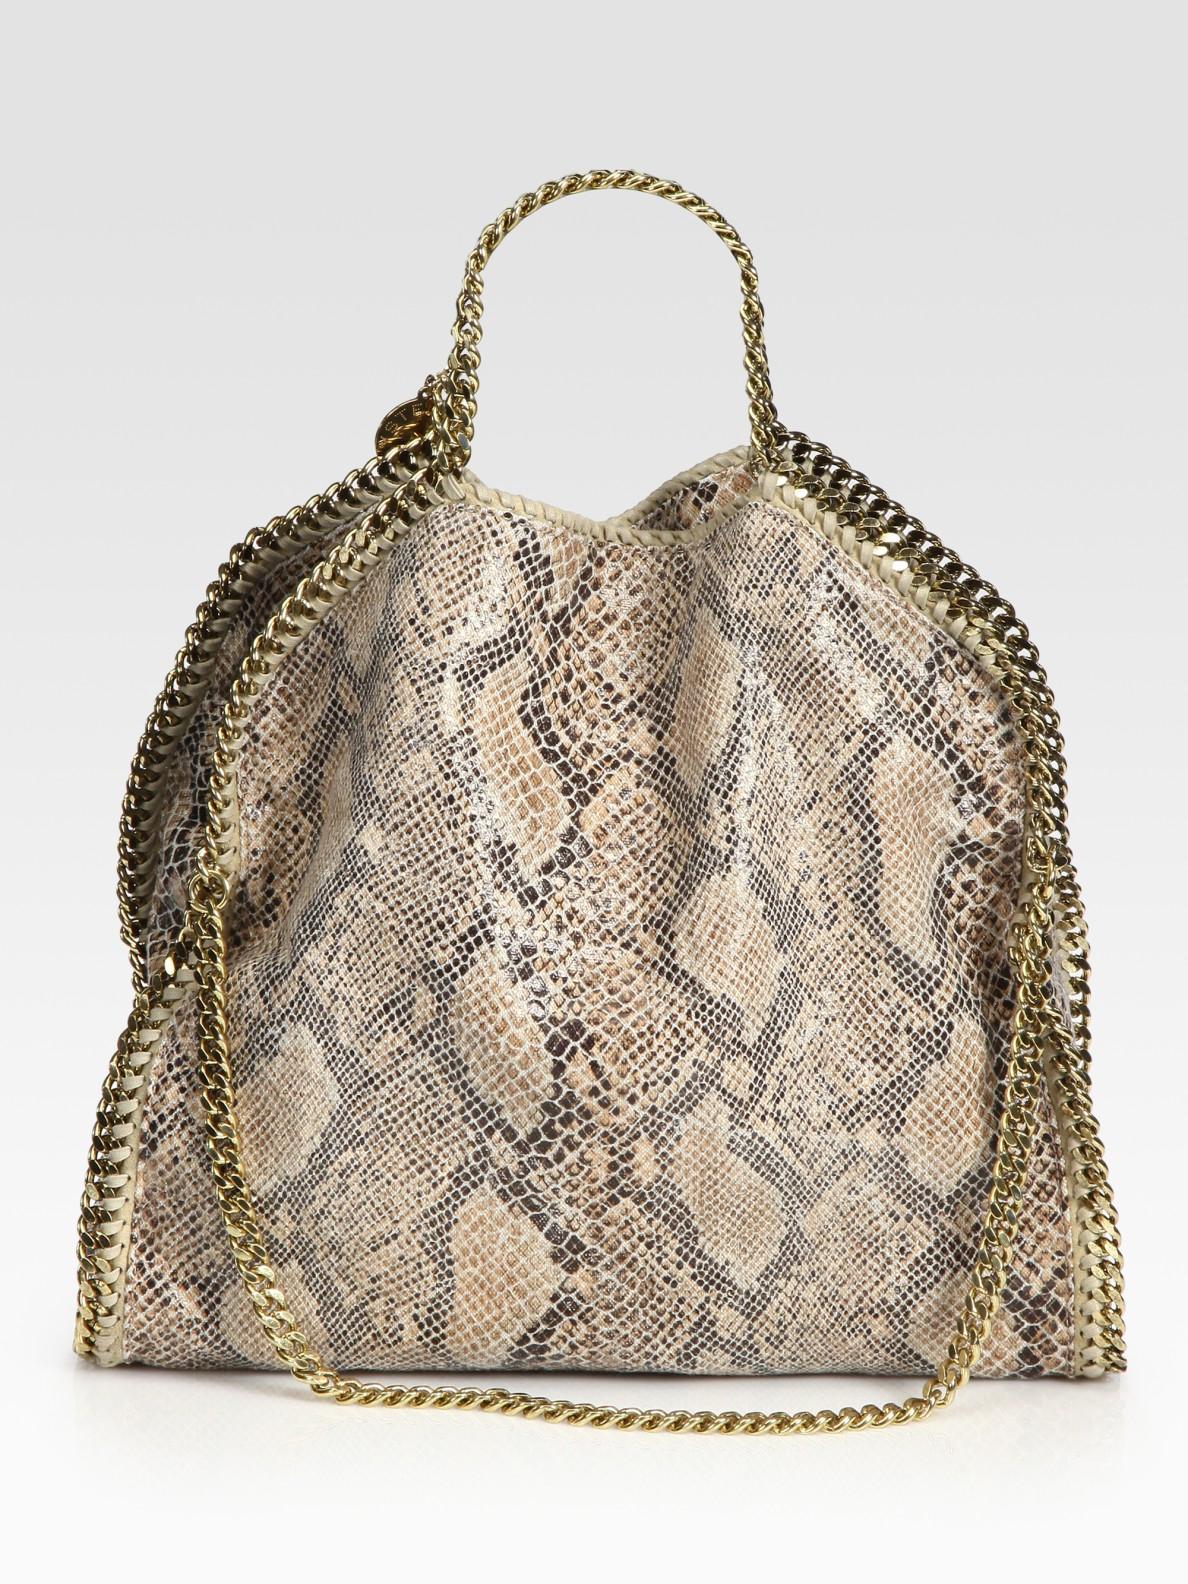 stella mccartney snake printed linen falabella foldover tote bag in beige camel lyst. Black Bedroom Furniture Sets. Home Design Ideas